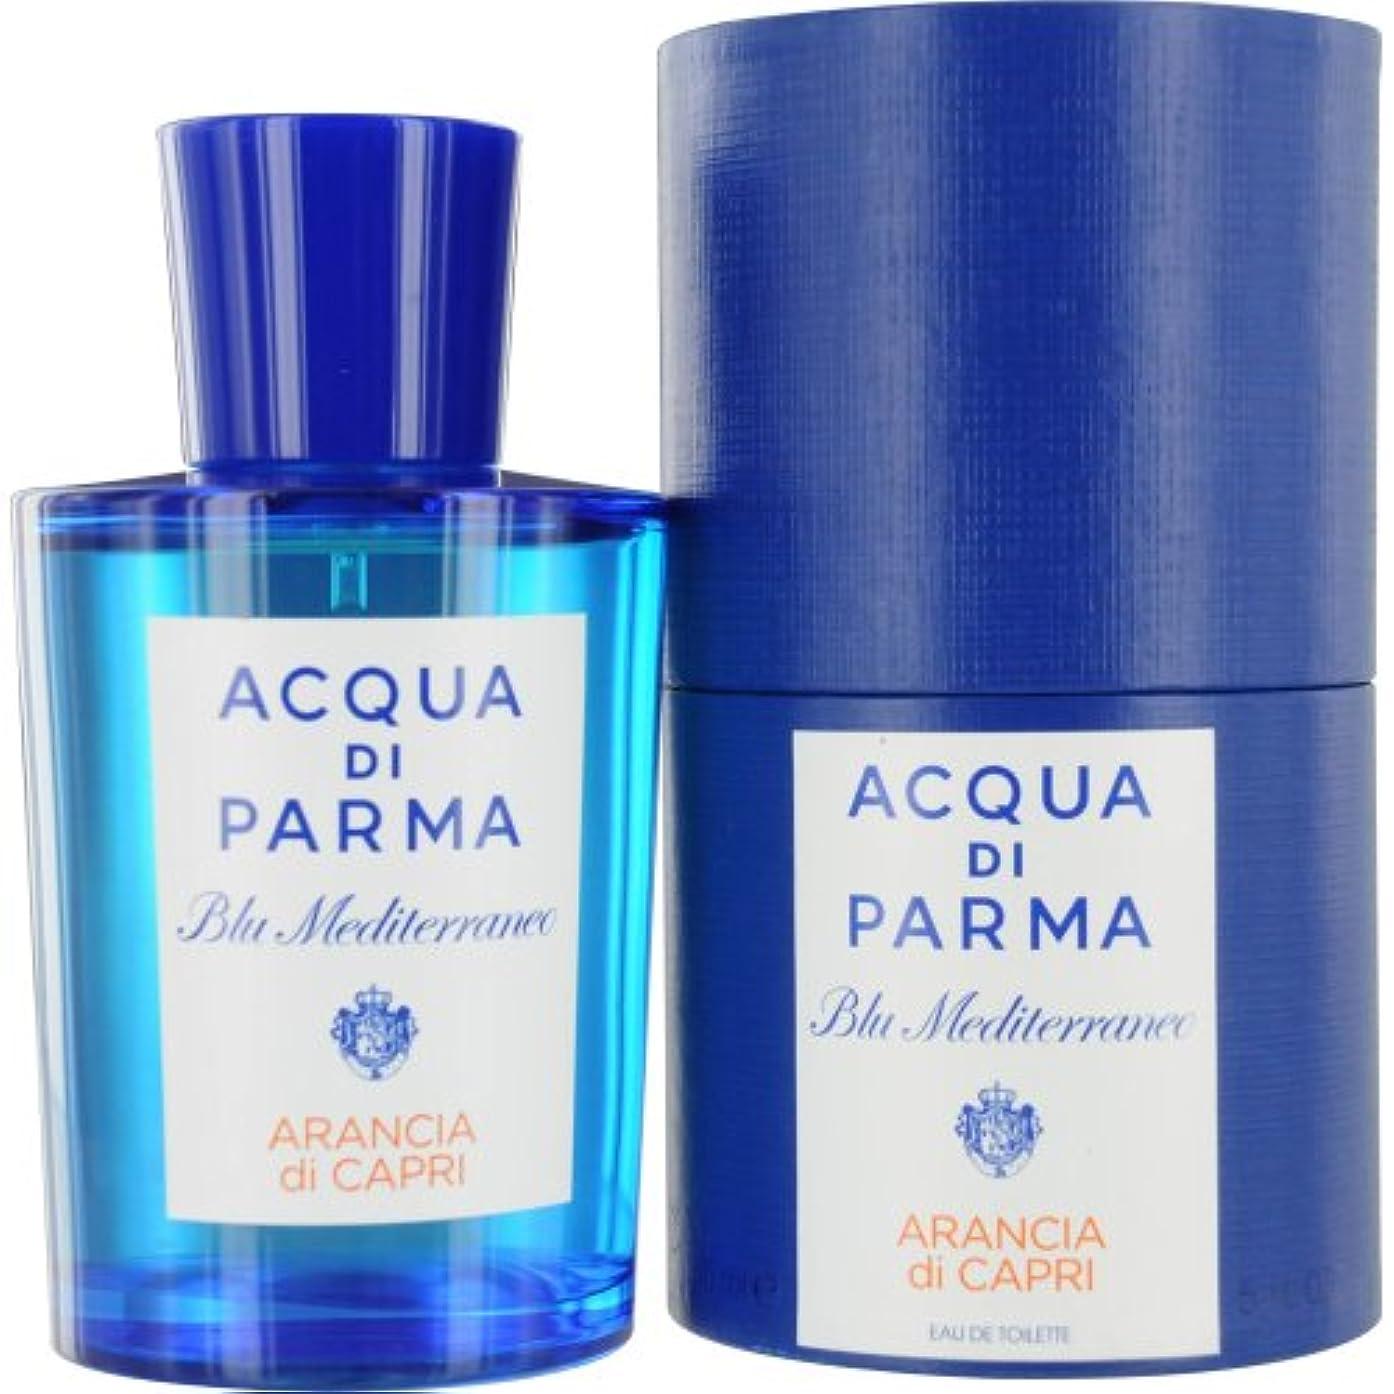 作者本当にバタフライAcqua Di Parma - パルマACQUA DI CAPRI B.M ARANCIA 150V - 【並行輸入品】